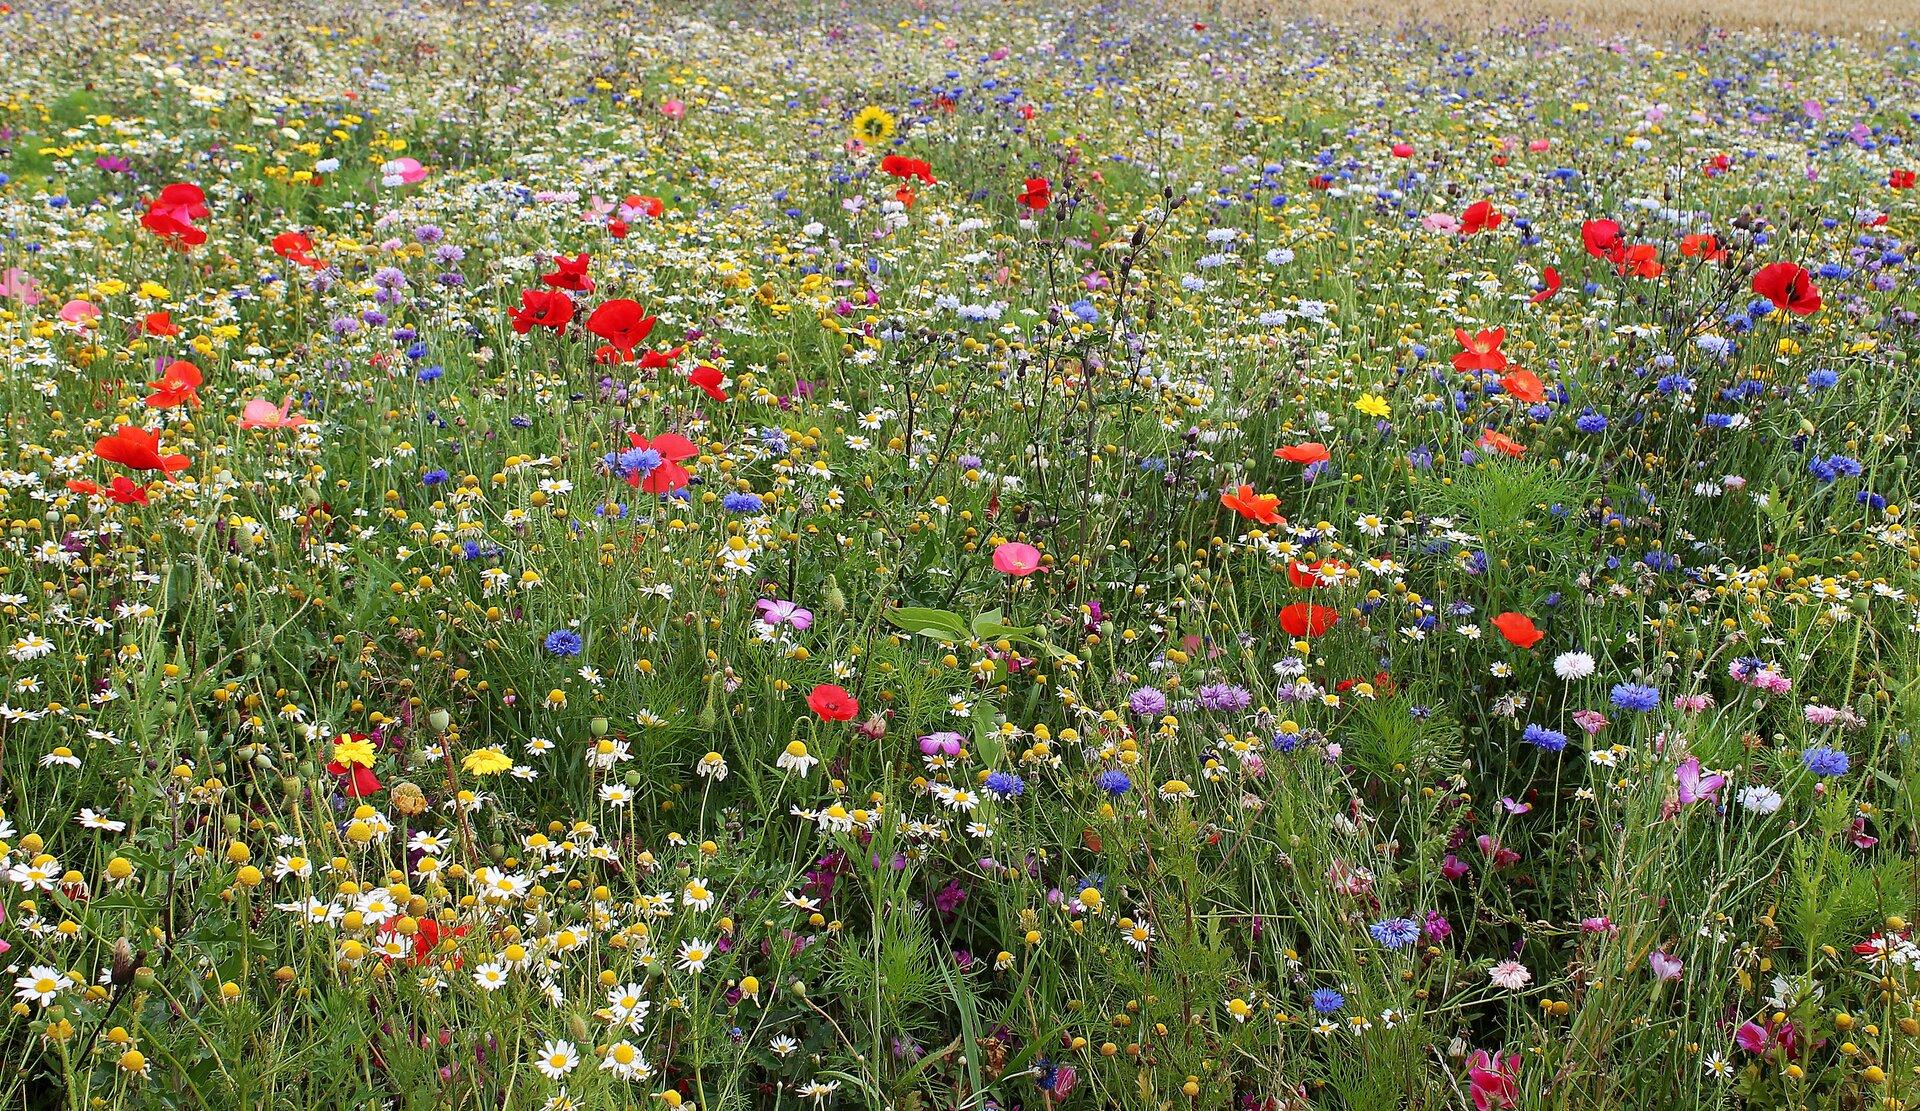 Fotografia łąki. Widać zieloną trawę, wśród której znajdują się kwiaty oróżnych kolorach. Wtle kilka drzew ociemnozielonych koronach.